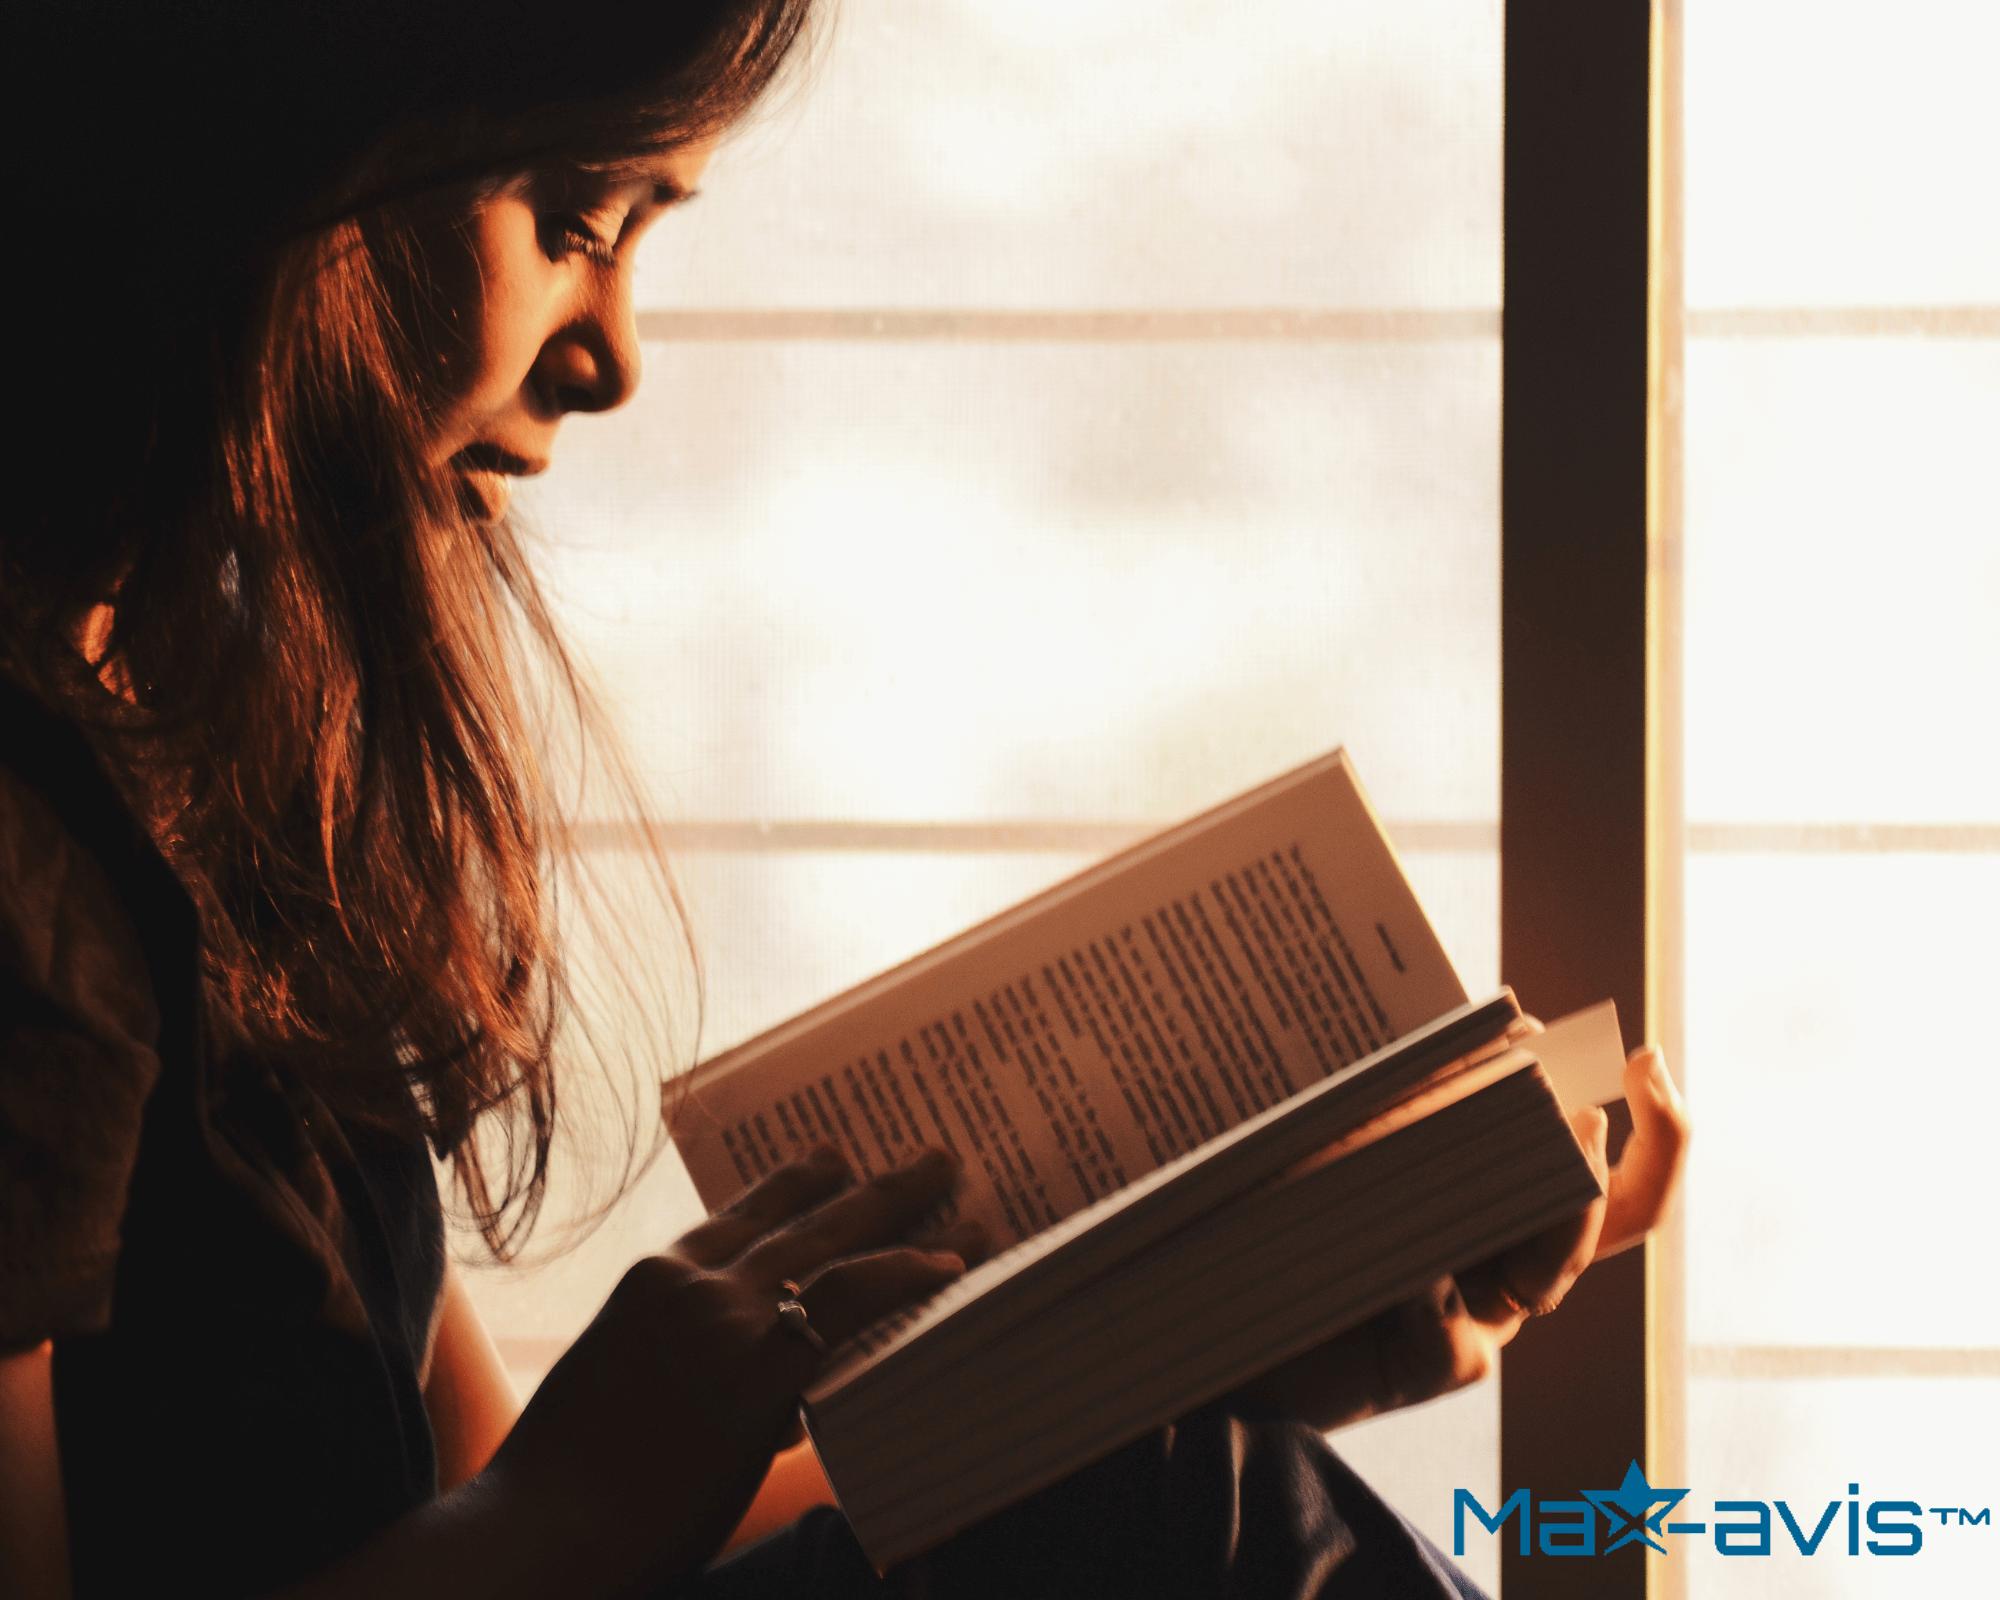 Comment gagner de l'argent en lisant des livres ?